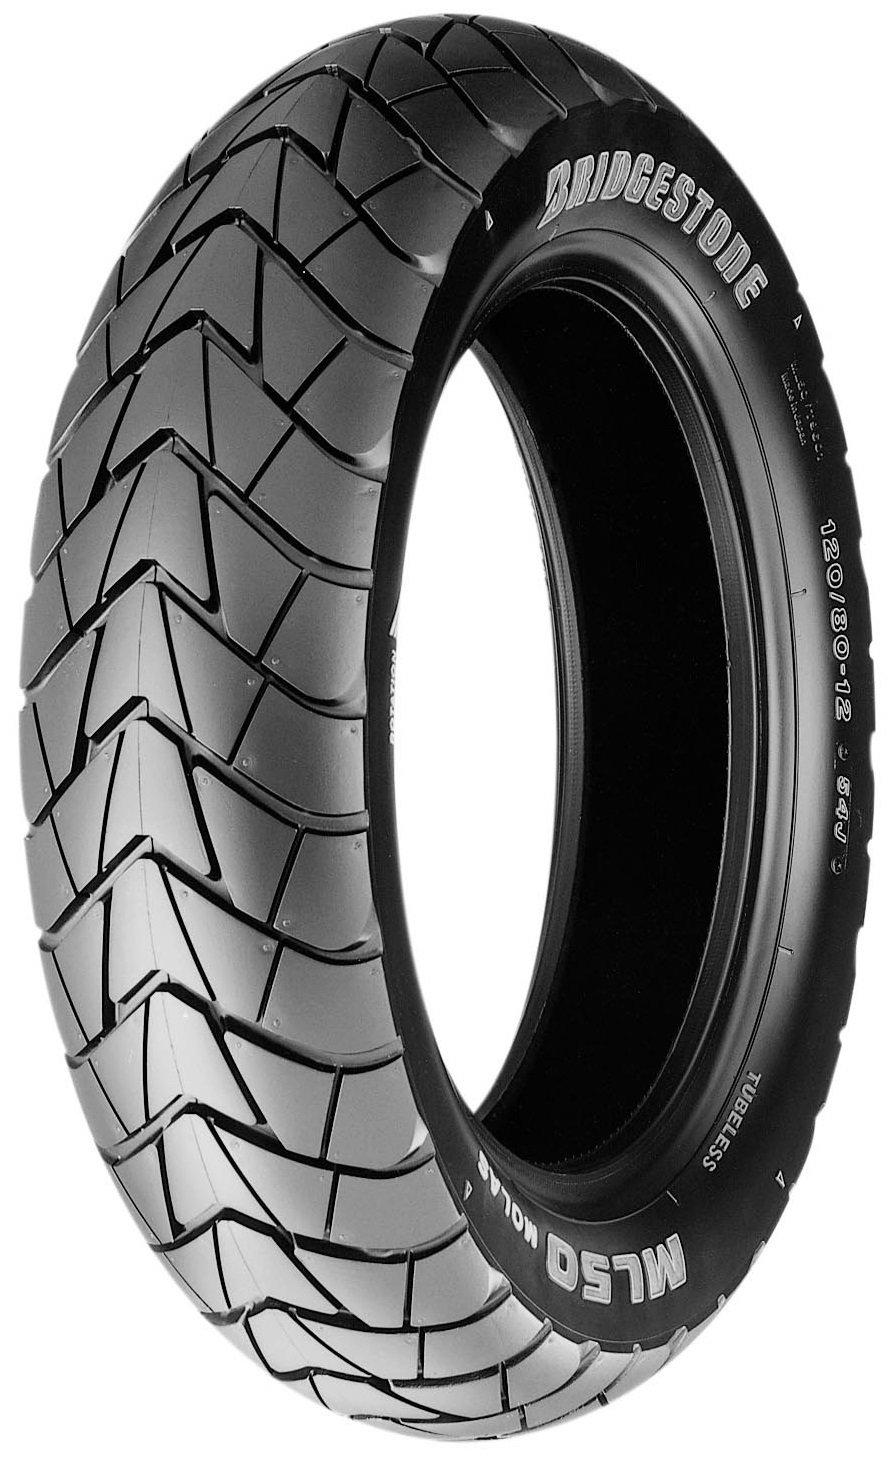 Bridgestone Pneumatico 130/60 13 ML50(FR/RR)TL 53L 76173